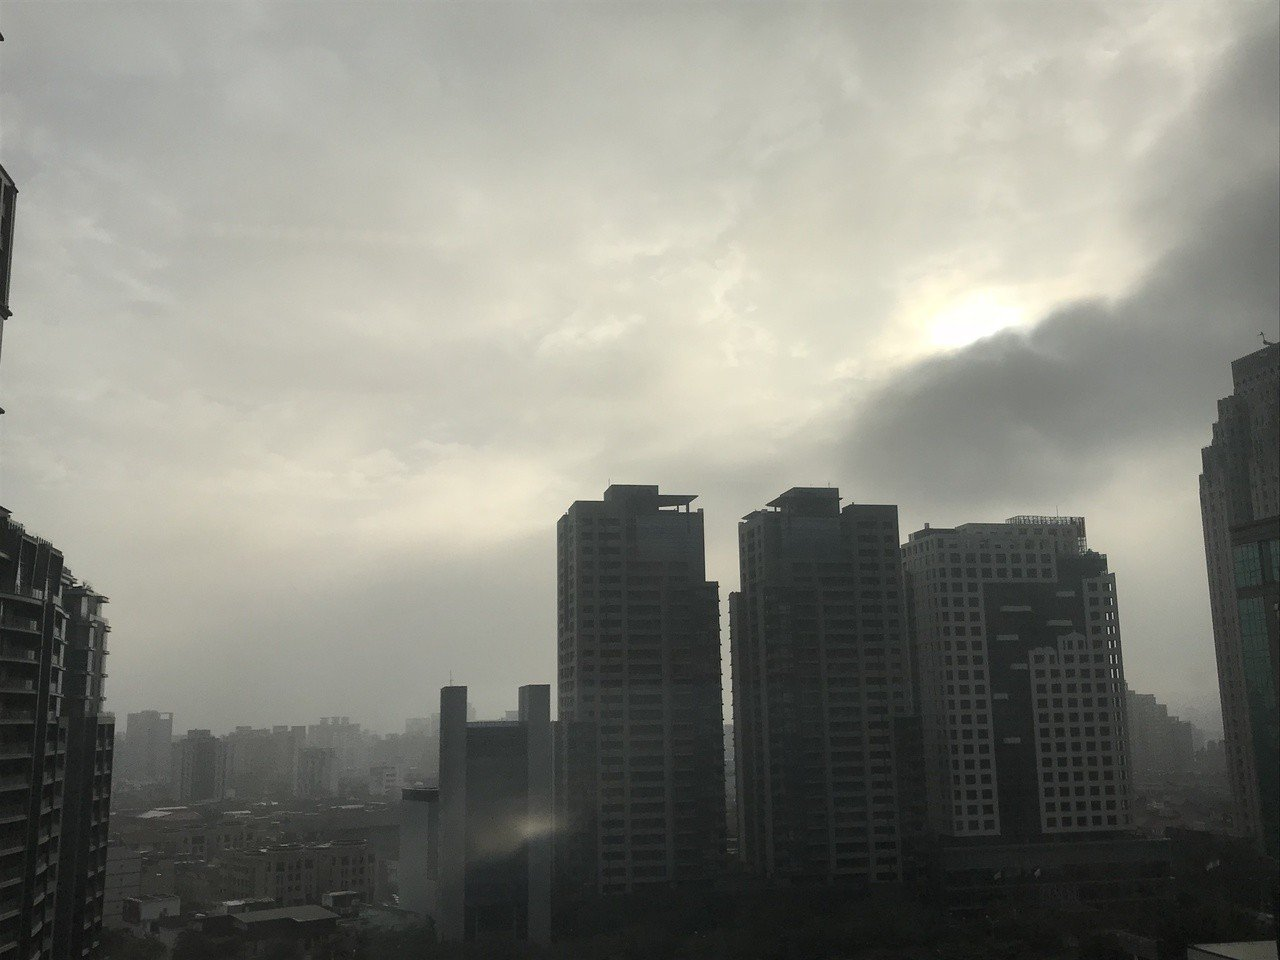 台中市區空氣品質亮橘燈,一片灰濛濛。記者陳秋雲/攝影